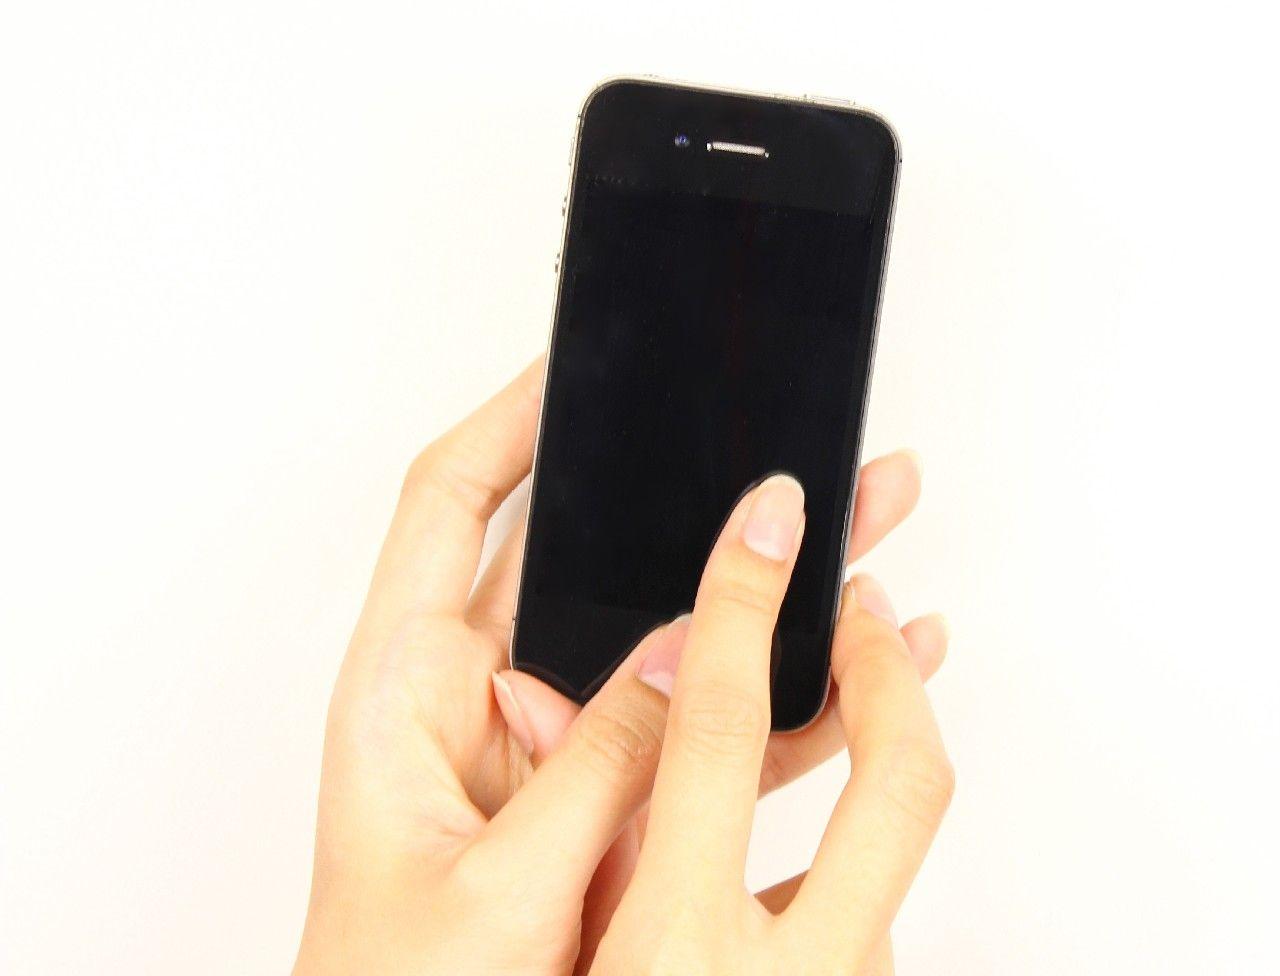 スマートフォンでよく使う物理ボタン5つをチェックしよう